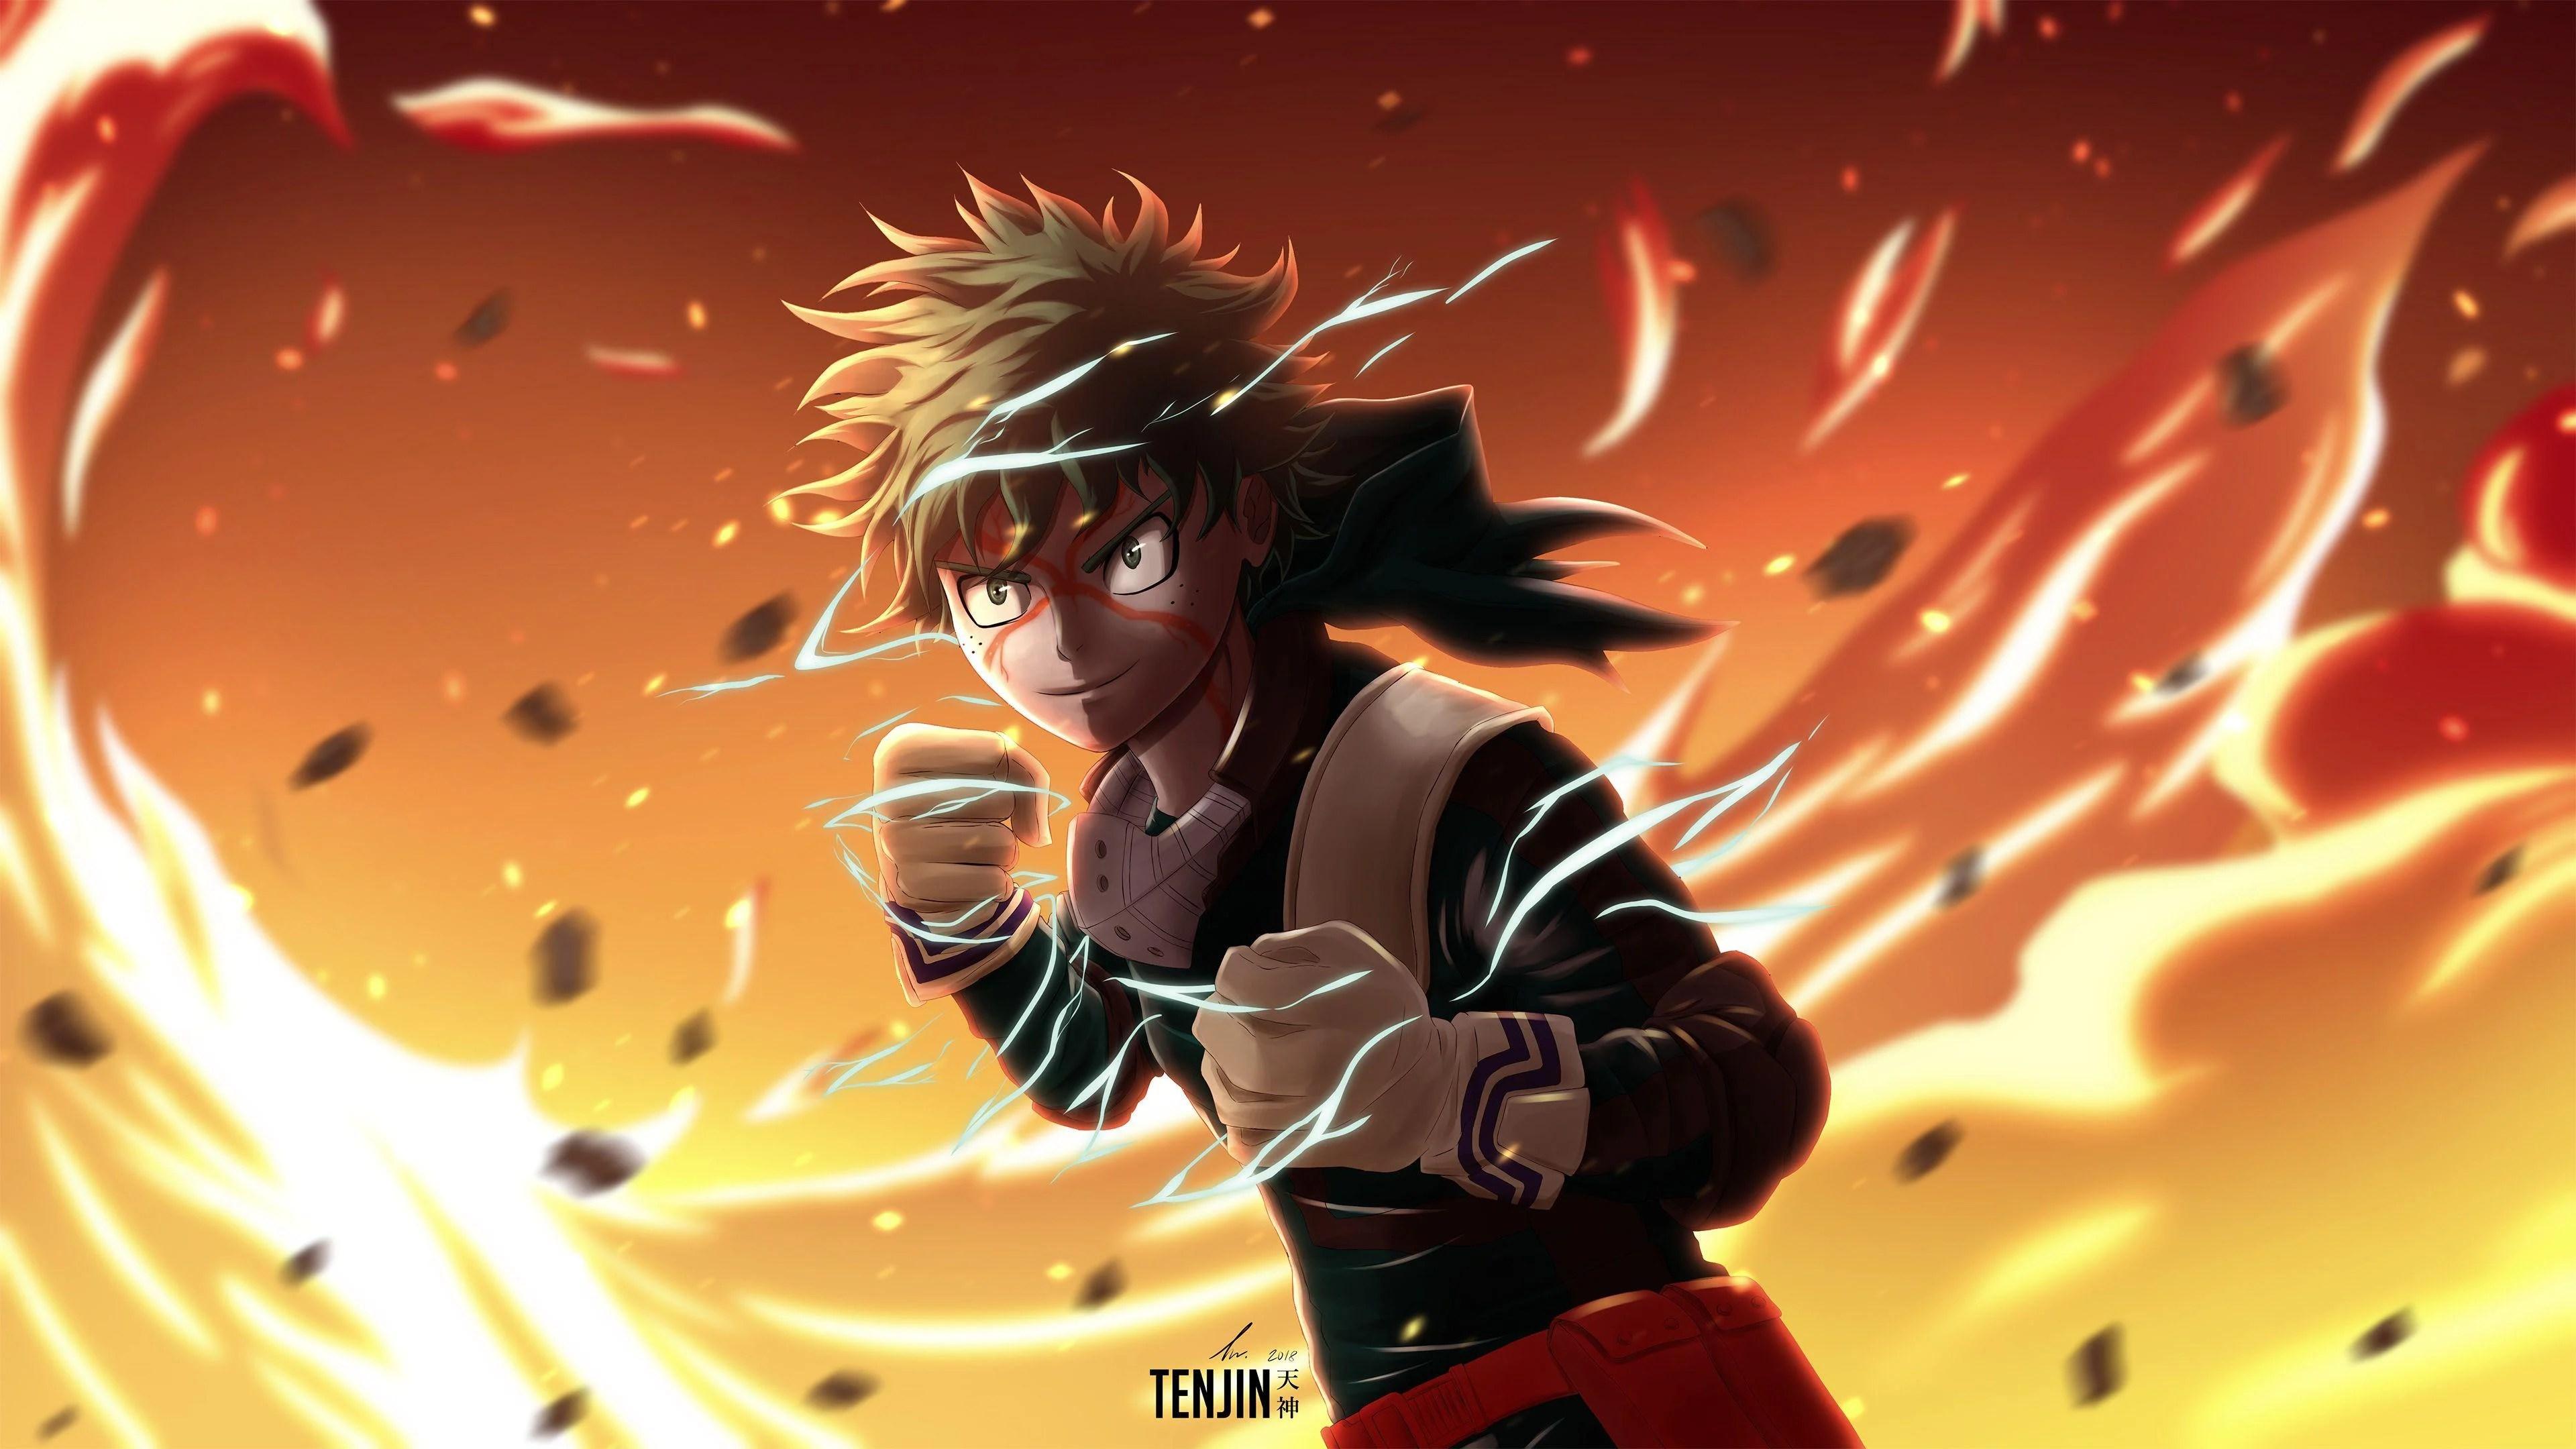 Wallpaper of anime, izuku midoriya, ochaco uraraka, mha; Deku My Hero Academia 4K Wallpapers - Top Free Deku My ...